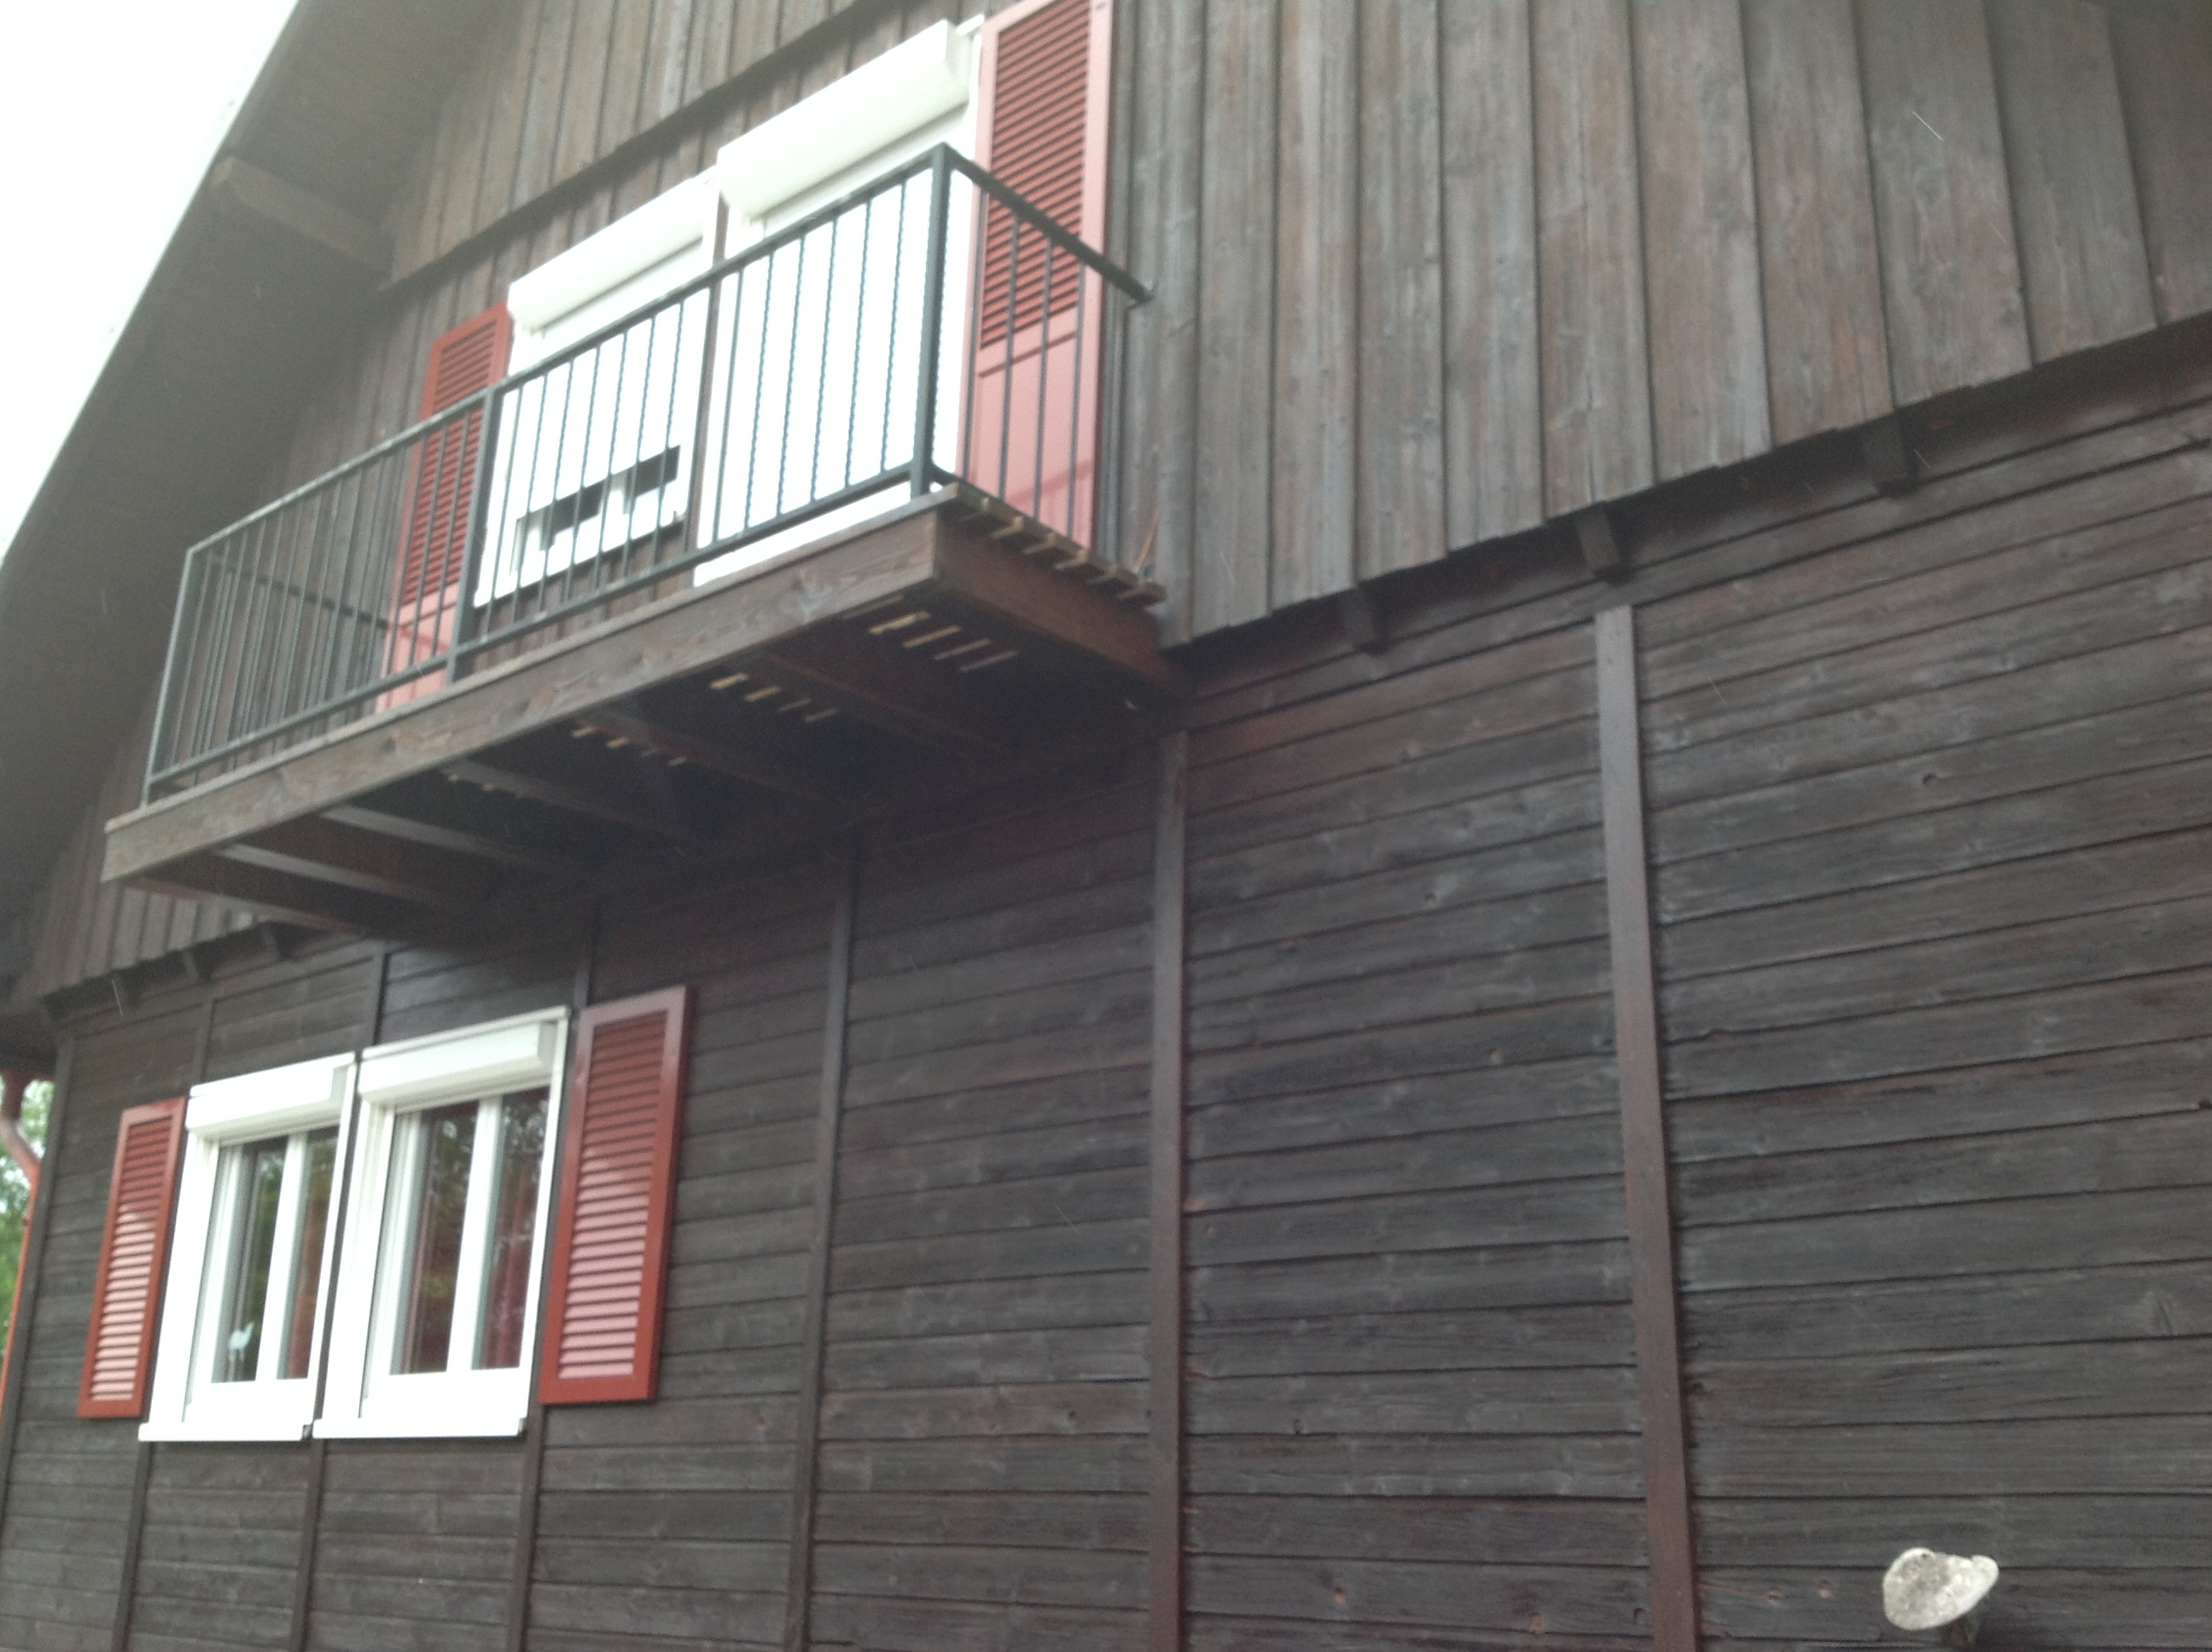 bardage en bois horizontal et vertical abt construction bois. Black Bedroom Furniture Sets. Home Design Ideas